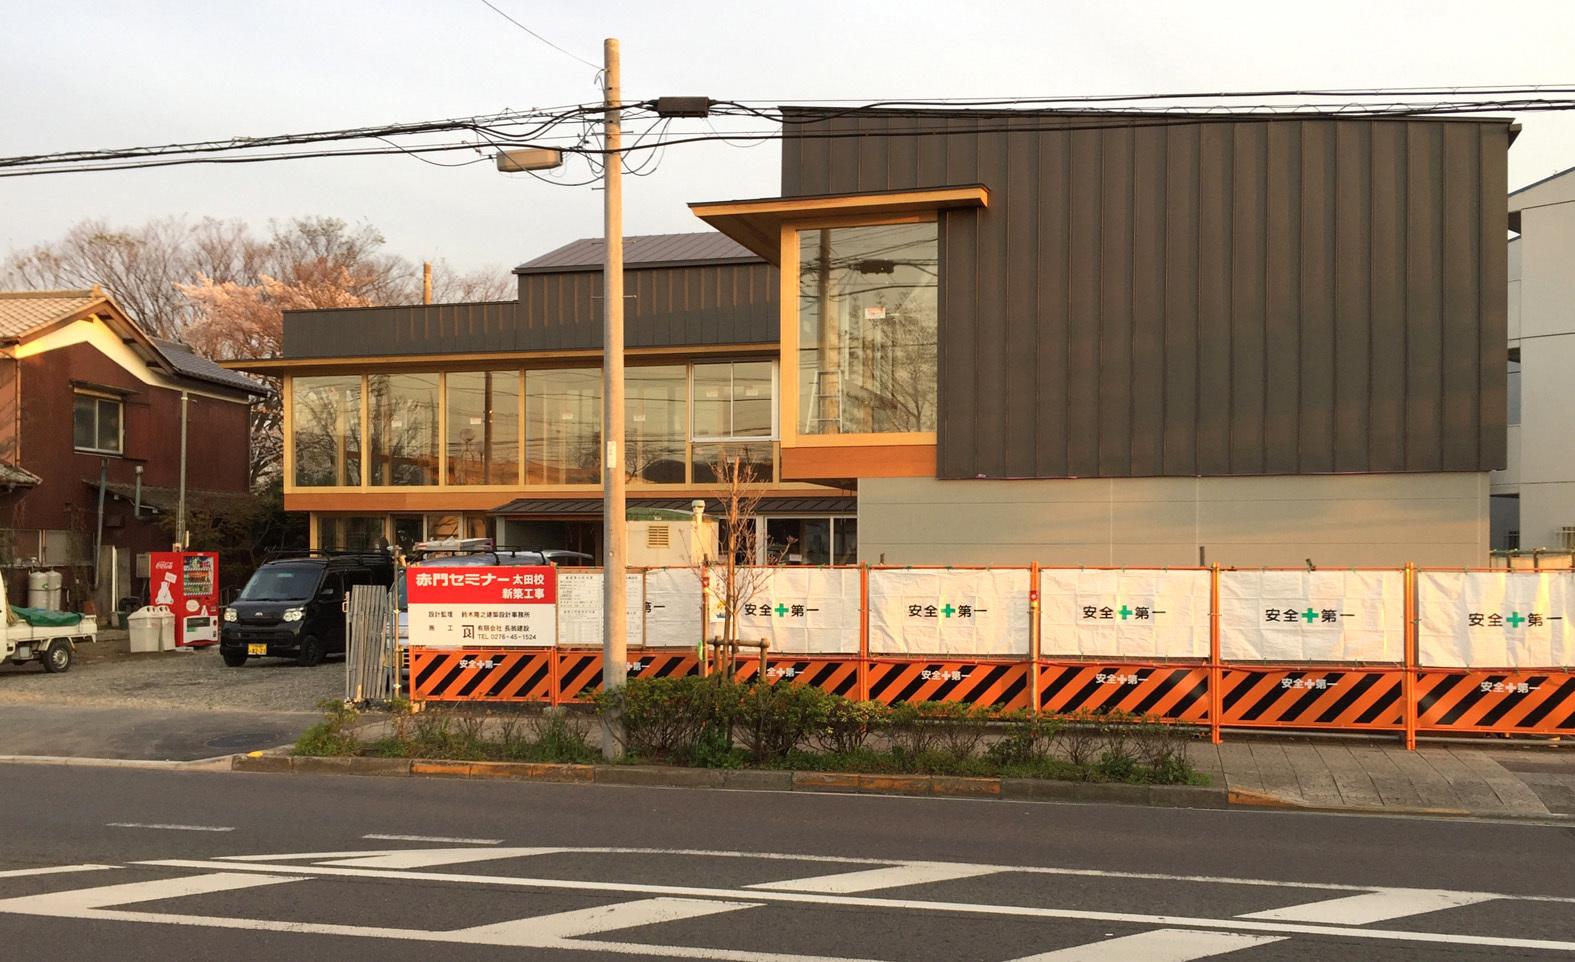 赤門セミナー太田校 外観 足場外れました_e0127948_00391043.jpg